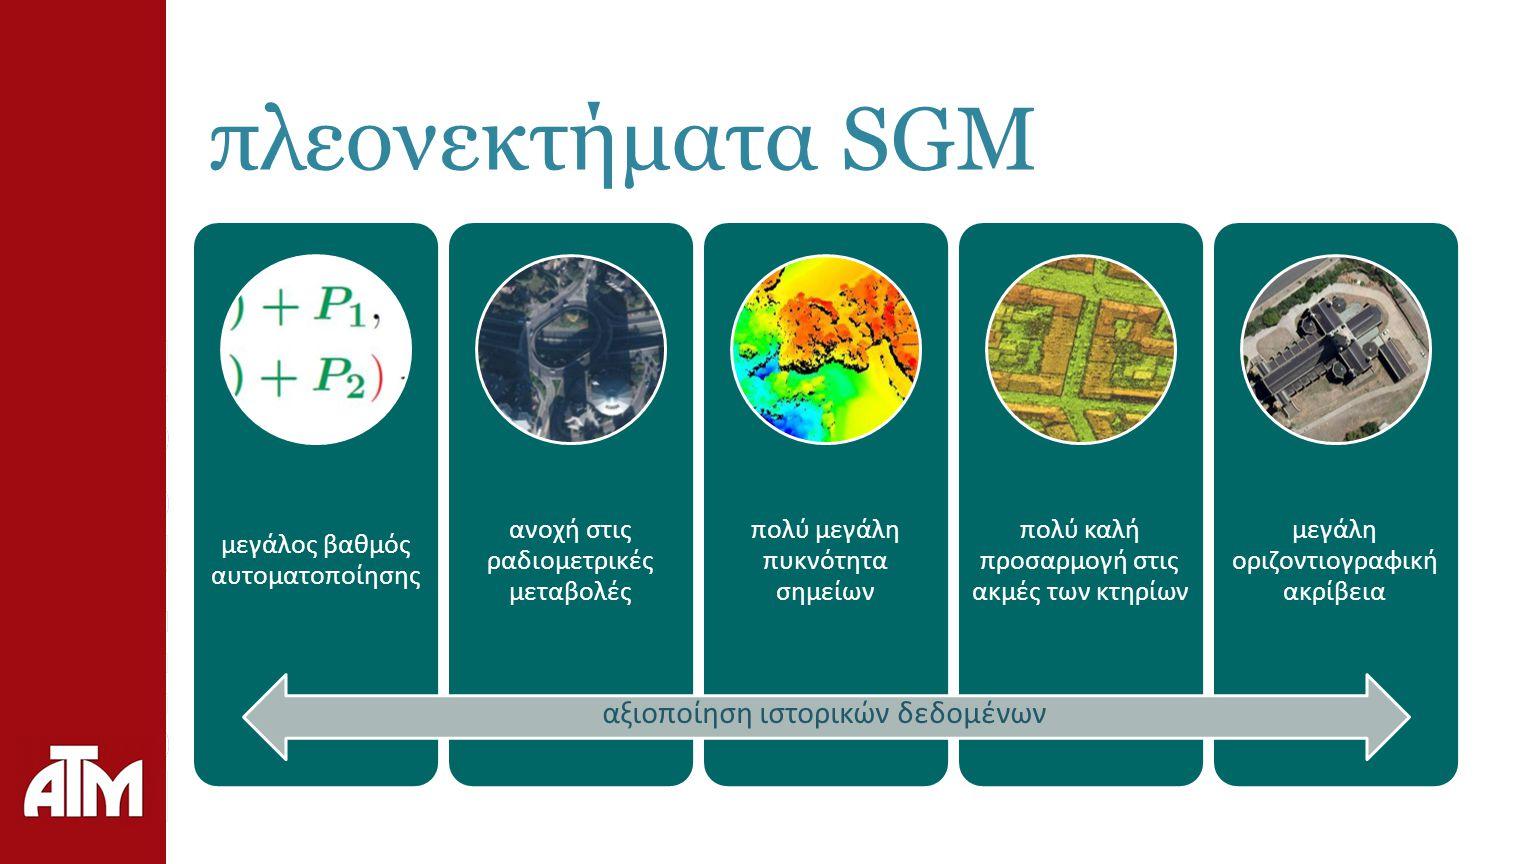 πλεονεκτήματα SGM μεγάλος βαθμός αυτοματοποίησης ανοχή στις ραδιομετρικές μεταβολές πολύ μεγάλη πυκνότητα σημείων πολύ καλή προσαρμογή στις ακμές των κτηρίων μεγάλη οριζοντιογραφική ακρίβεια αξιοποίηση ιστορικών δεδομένων